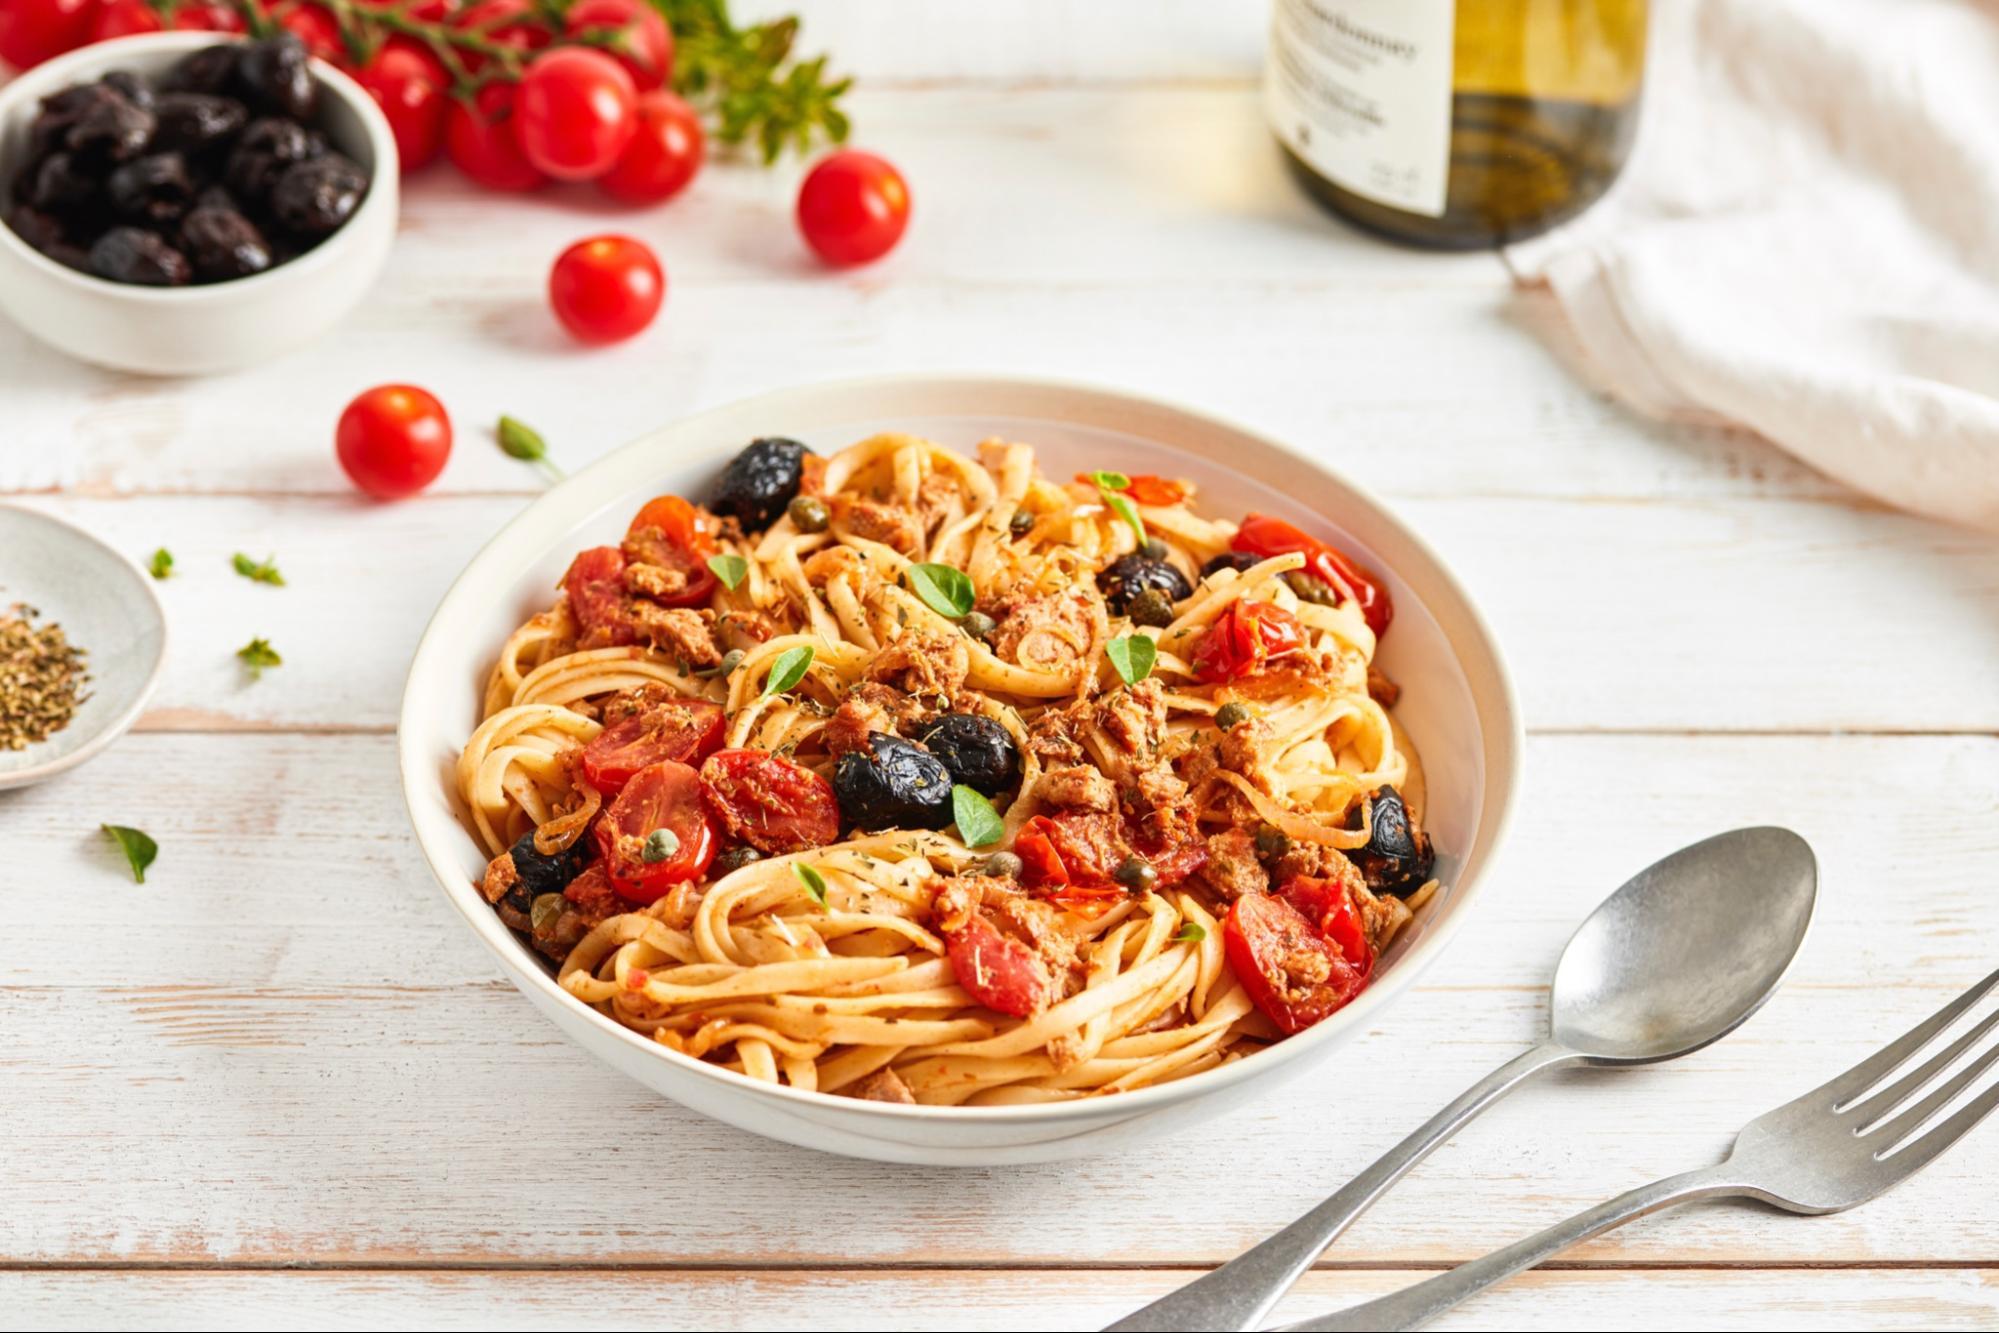 Pasta alla Puttanesca with Canned Tuna (Italy)